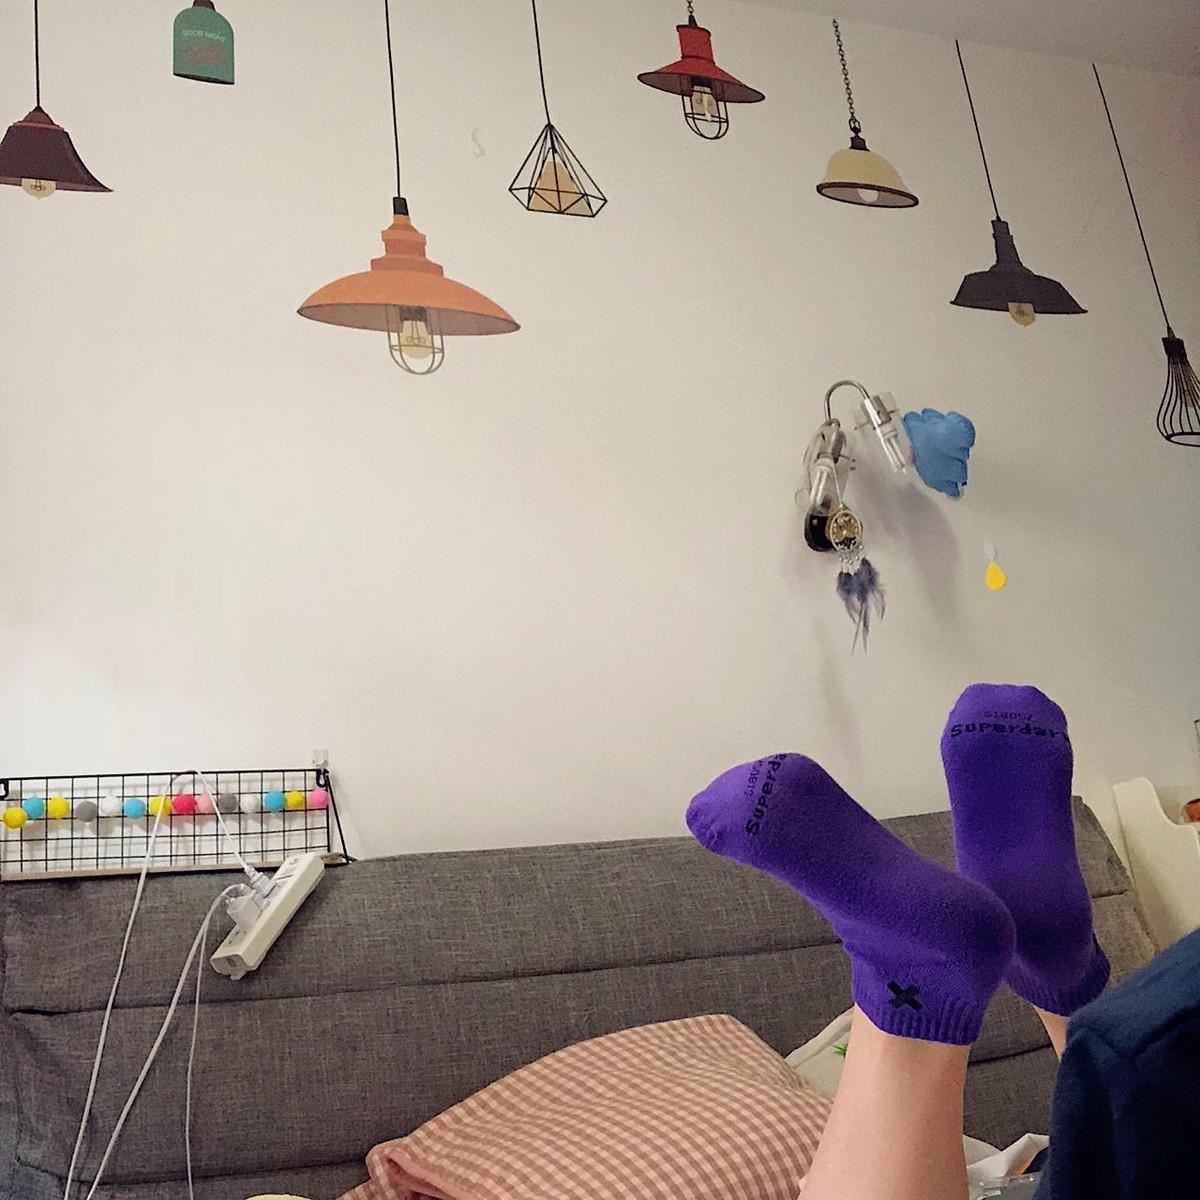 紫色凉鞋 紫色袜子潮牌女紫色袜子男女老爹鞋ins潮袜夏季凉鞋袜宝蓝色短袜_推荐淘宝好看的紫色凉鞋